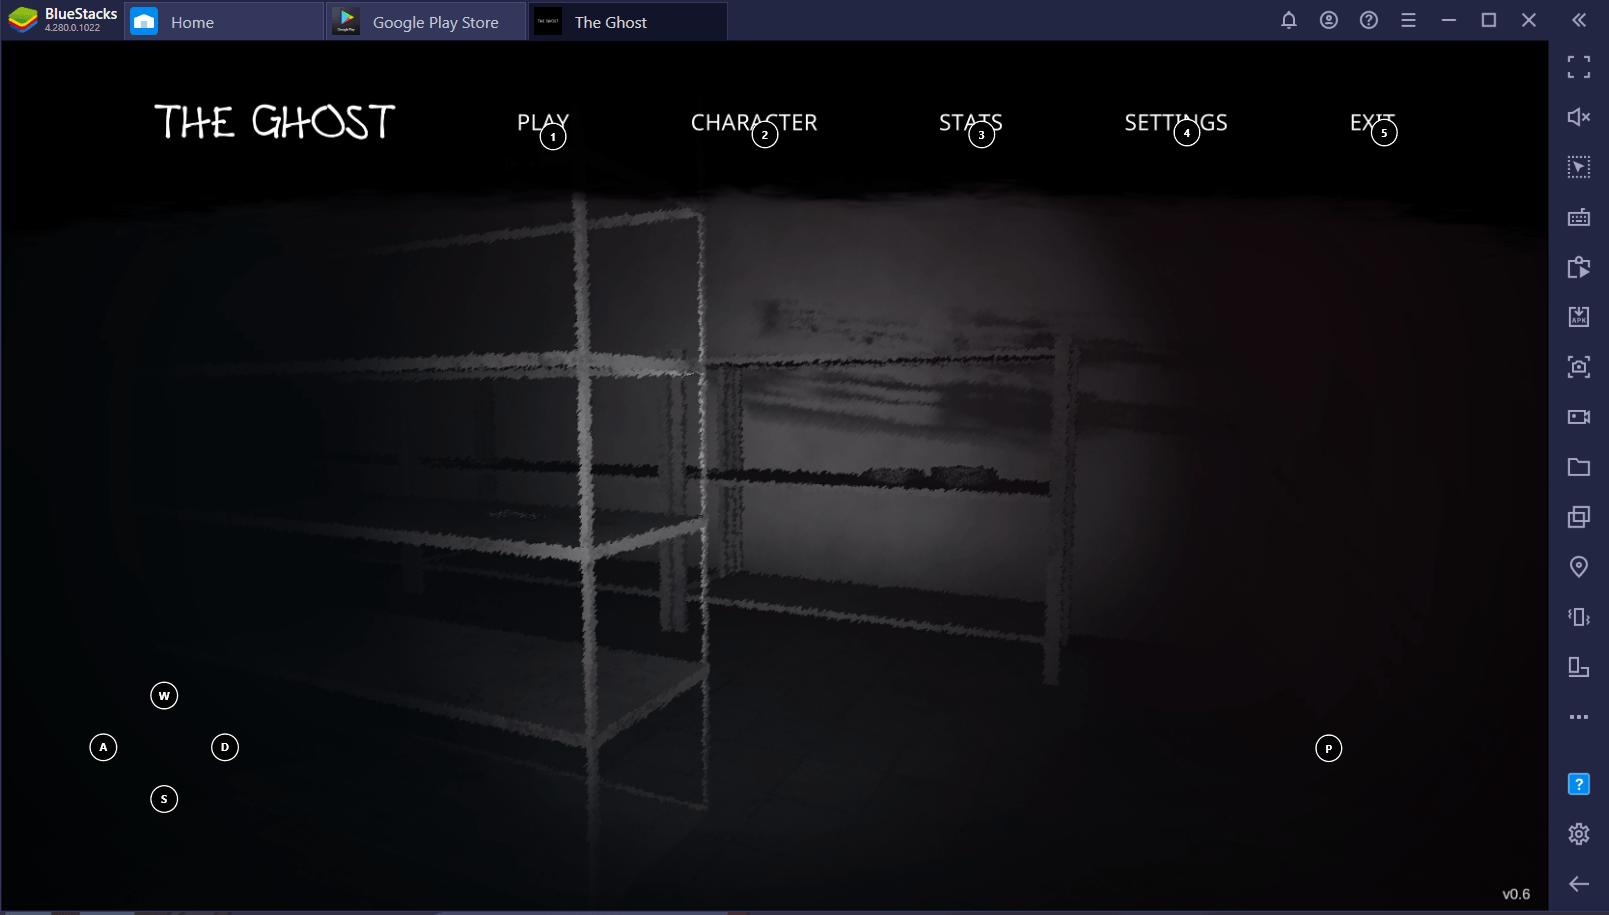 Cara Bermain The Ghost – Co-op Survival Horror Game via BlueStacks di PC!